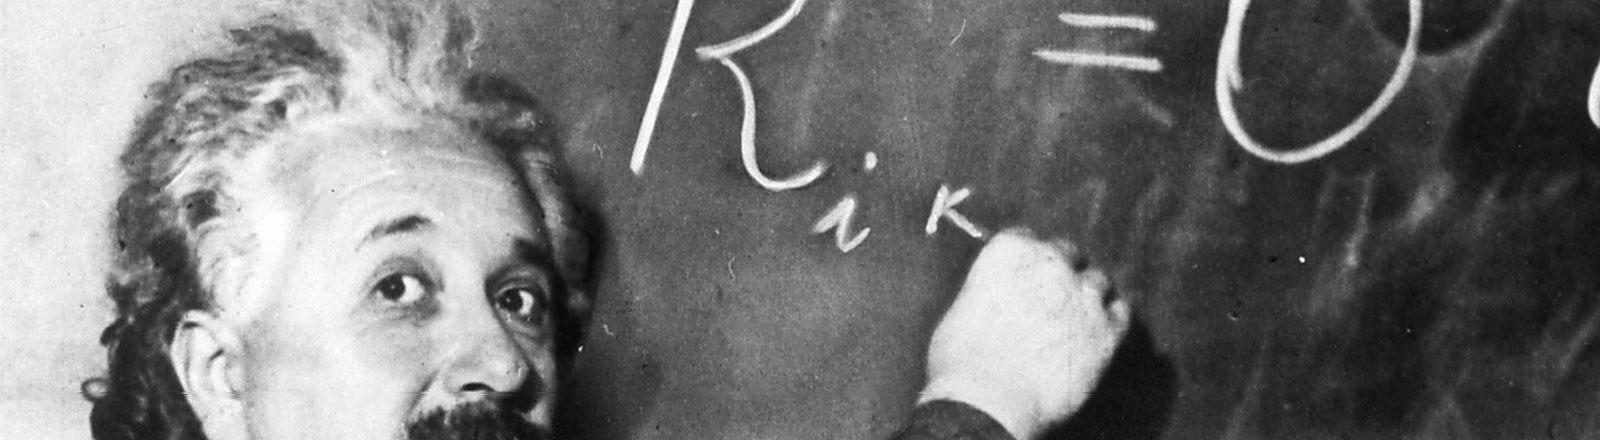 Albert Einstein schreibt an die Tafel